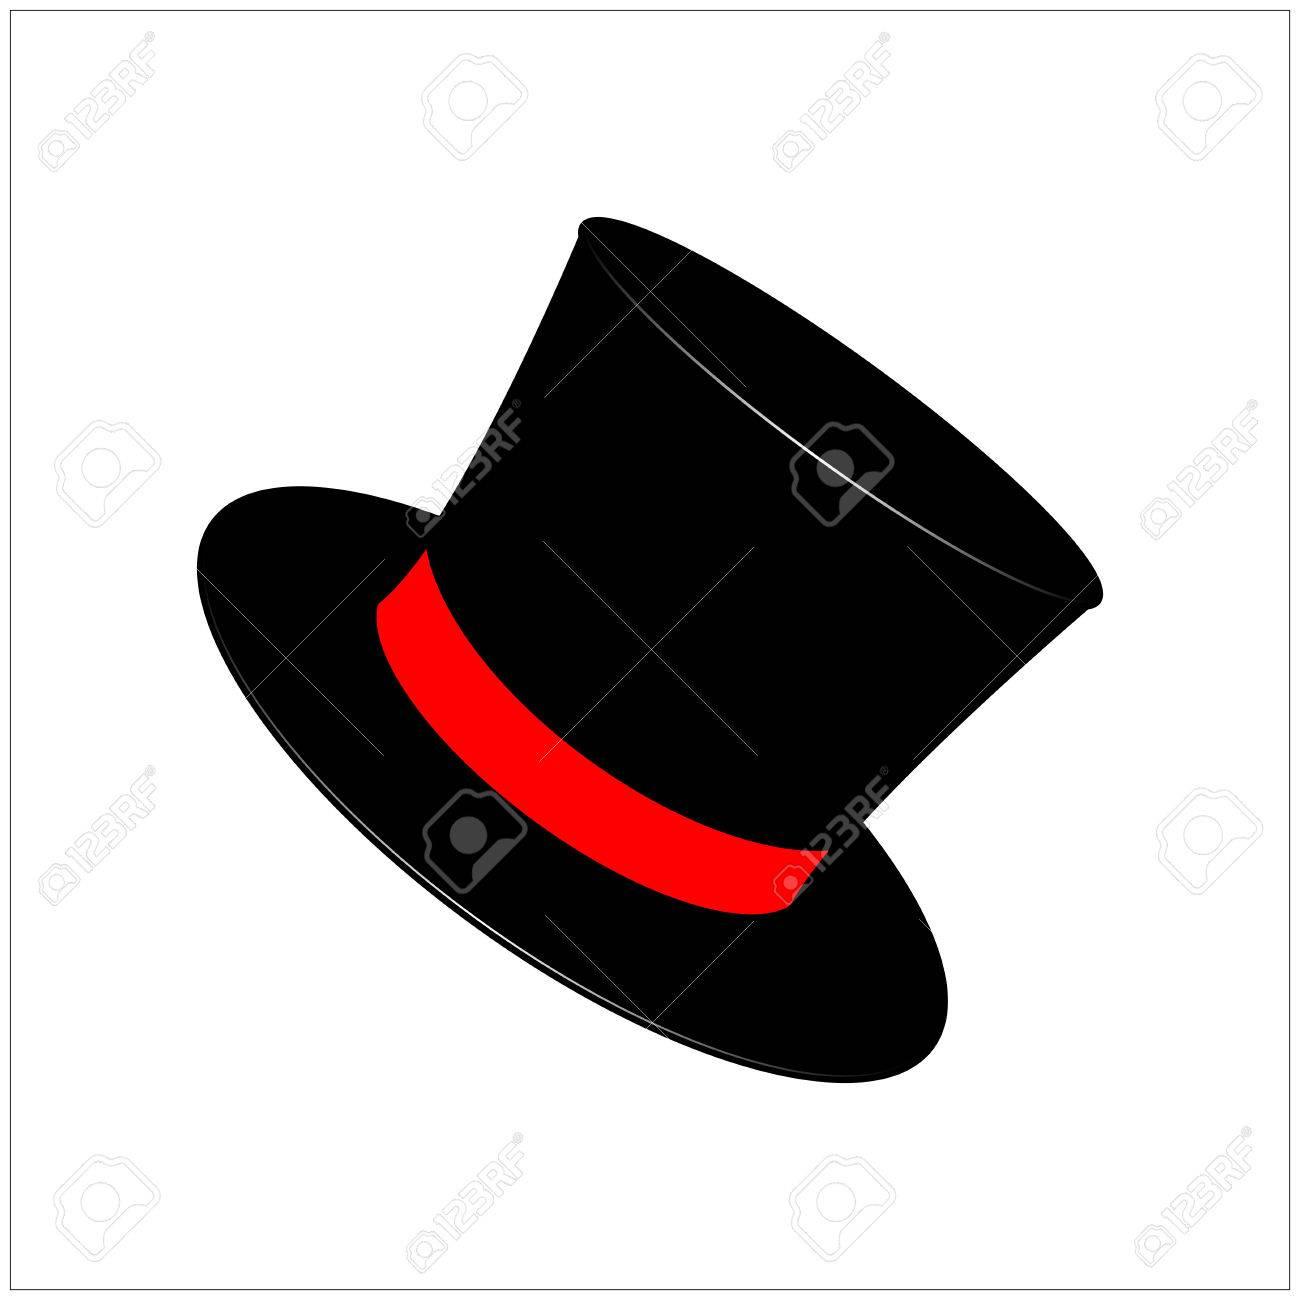 6d9fa73ac3e Sombrero mágico, caballero del sombrero de cilindro con el icono de cinta,  símbolo, diseño. ilustración vectorial aislado sobre fondo blanco.